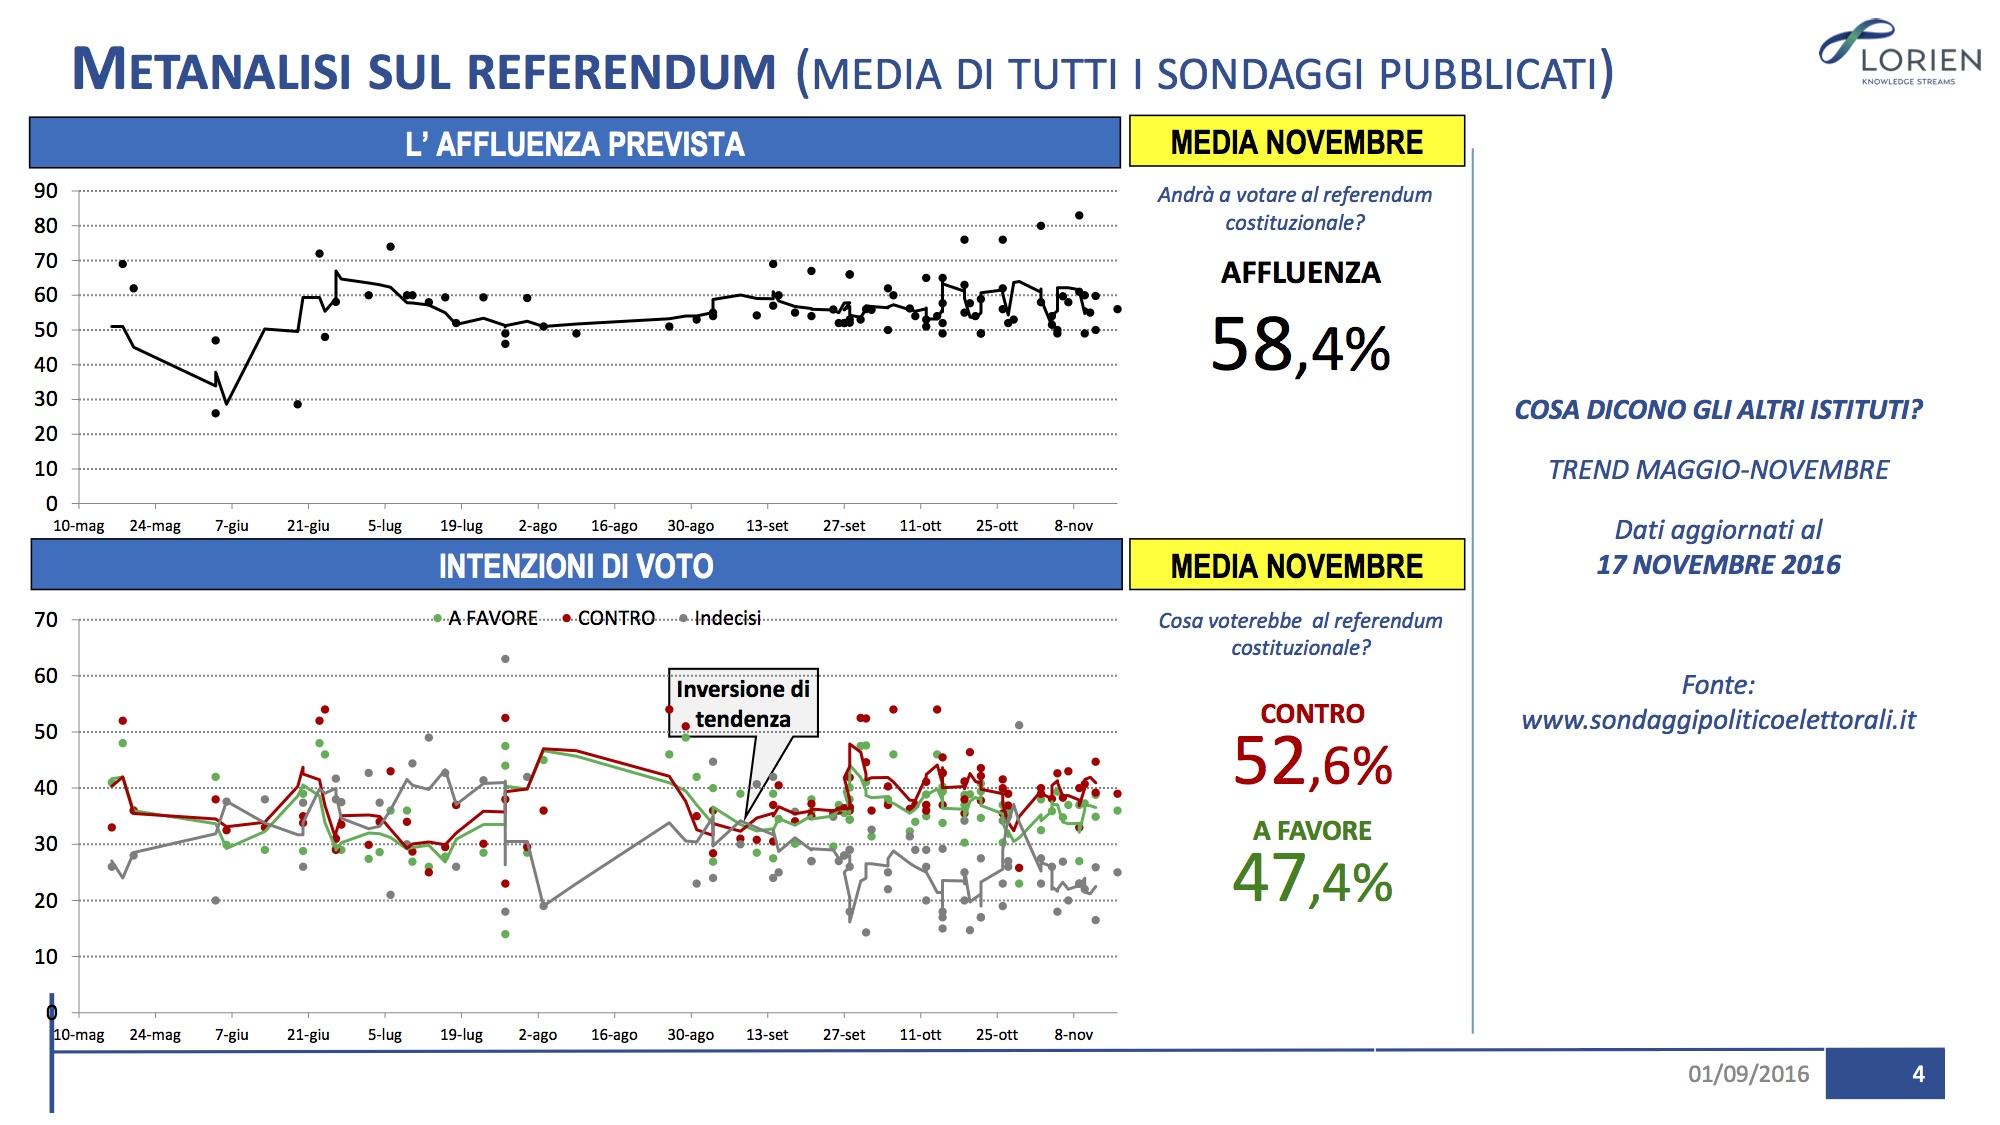 Sondaggio LORIEN 18 novembre 2016 – Referendum